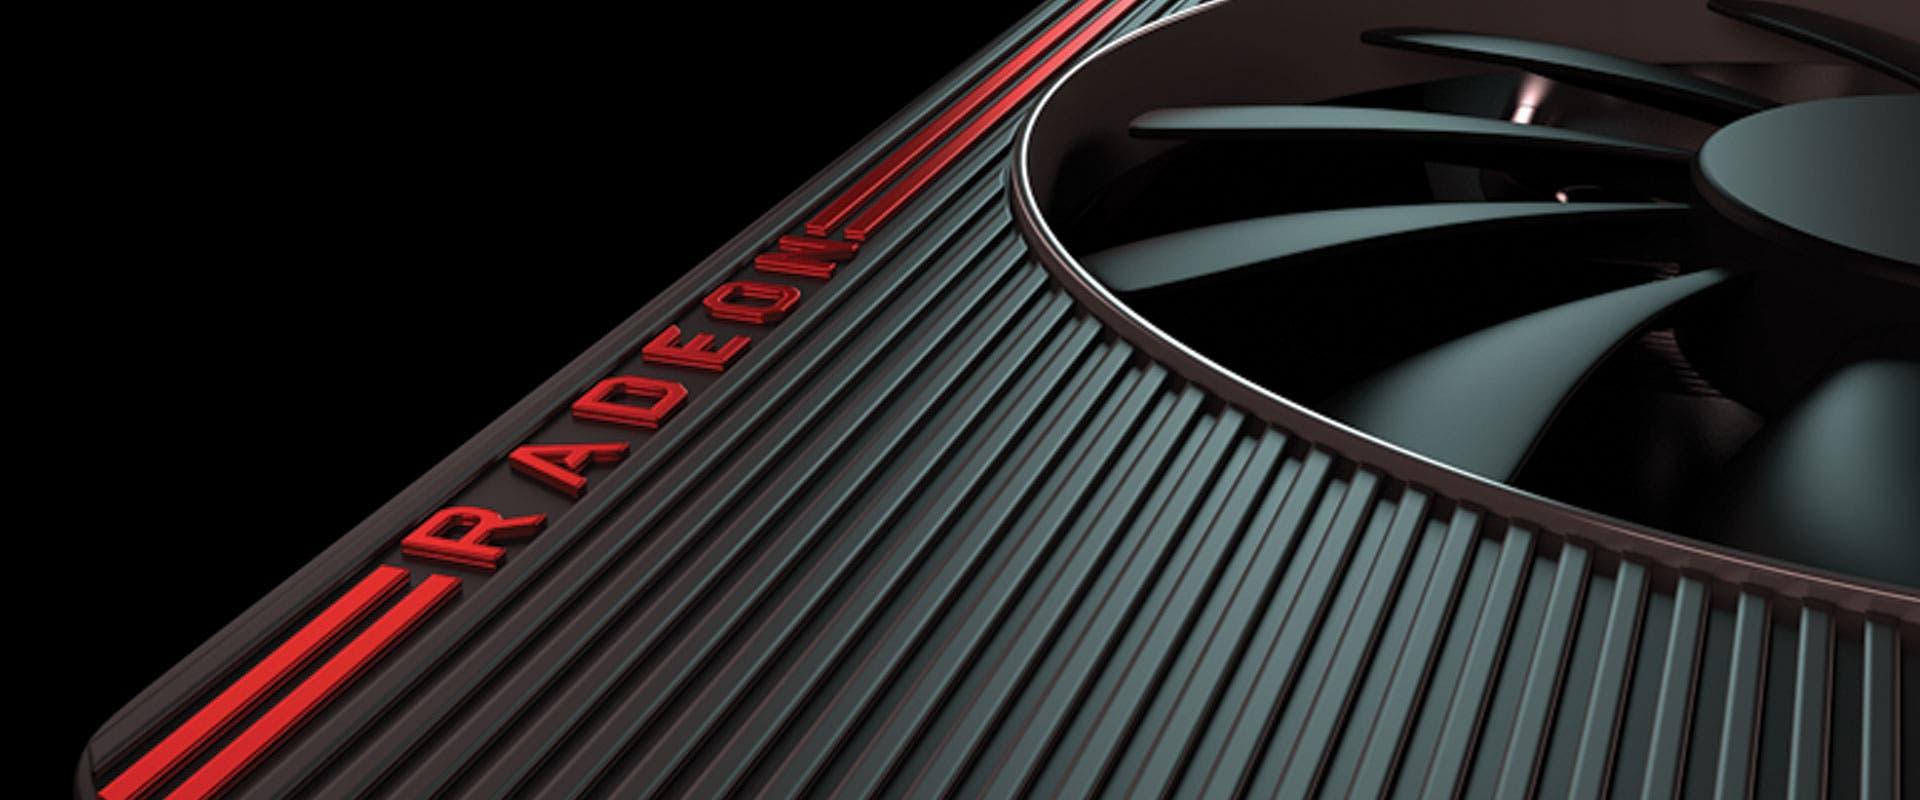 La Radeon RX 5600XT muestra su potencial contra la competencia en un nuevo vídeo comparativo 2